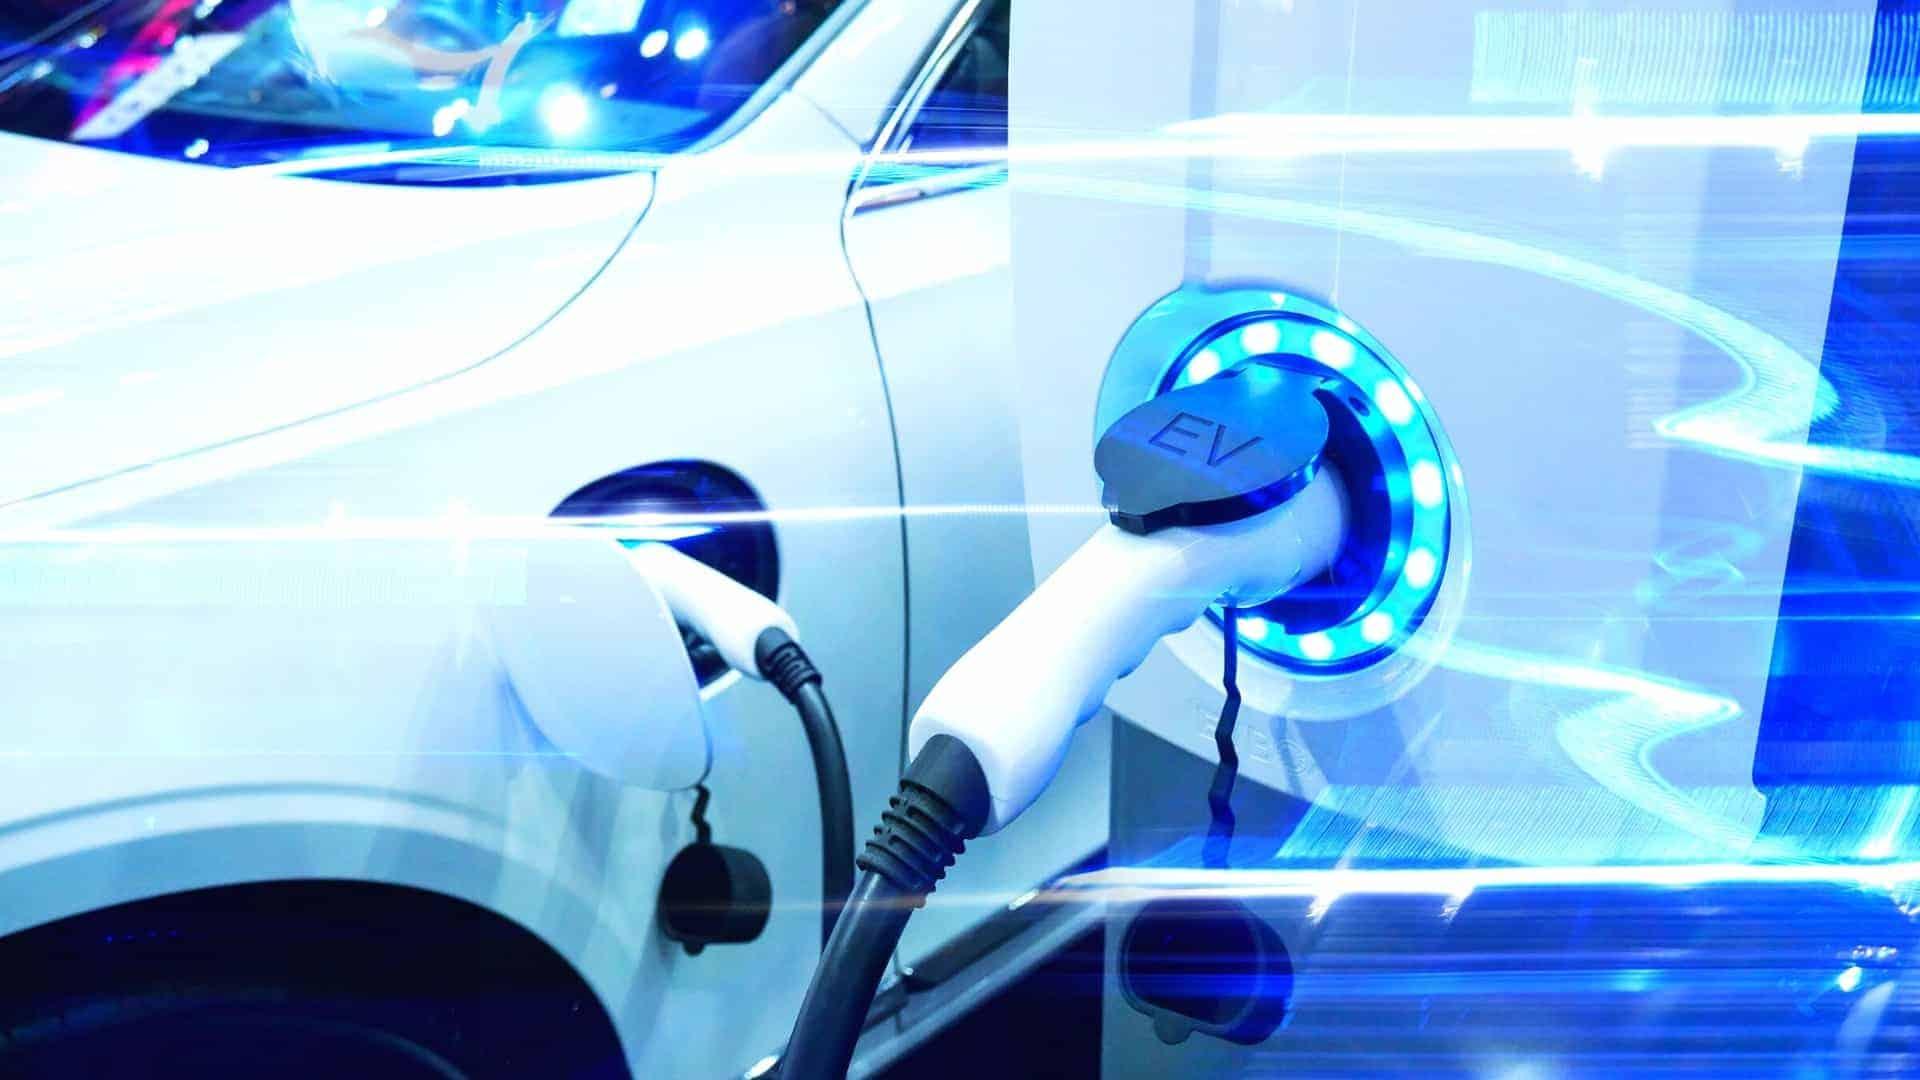 Hoe-duur-is-je-elektrische-auto-opladen-en-hoe-werkt-het